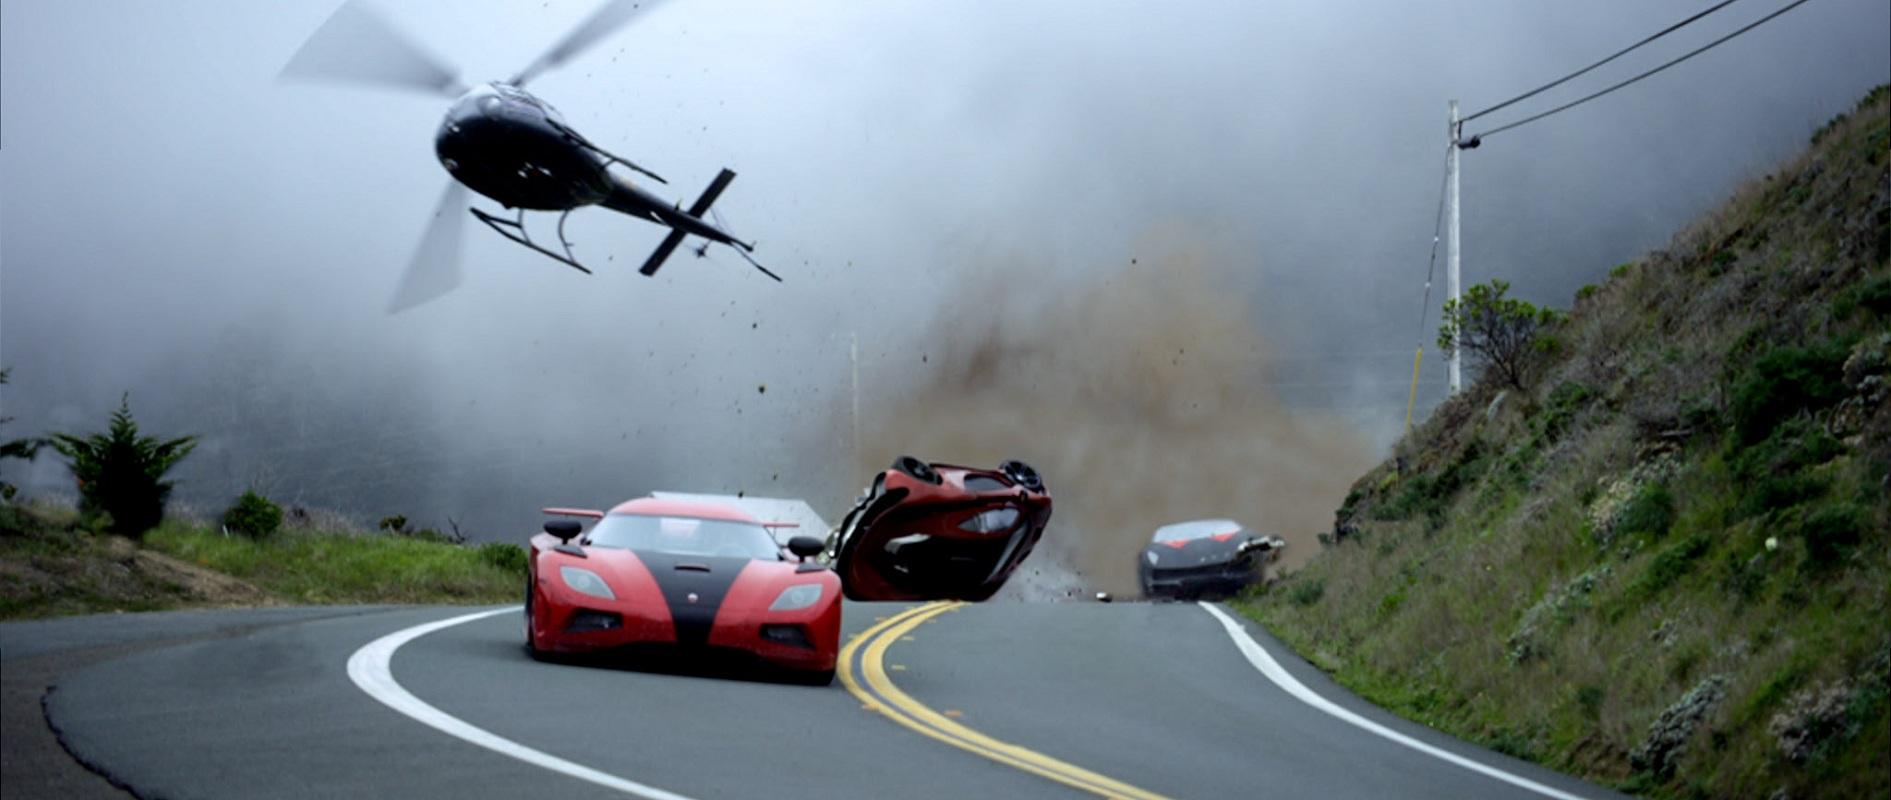 レーサー同士の対戦、警察との追走劇、「ニード・フォー・スピード」の要素を映画的に上手く昇華させて迫力を生んでいる